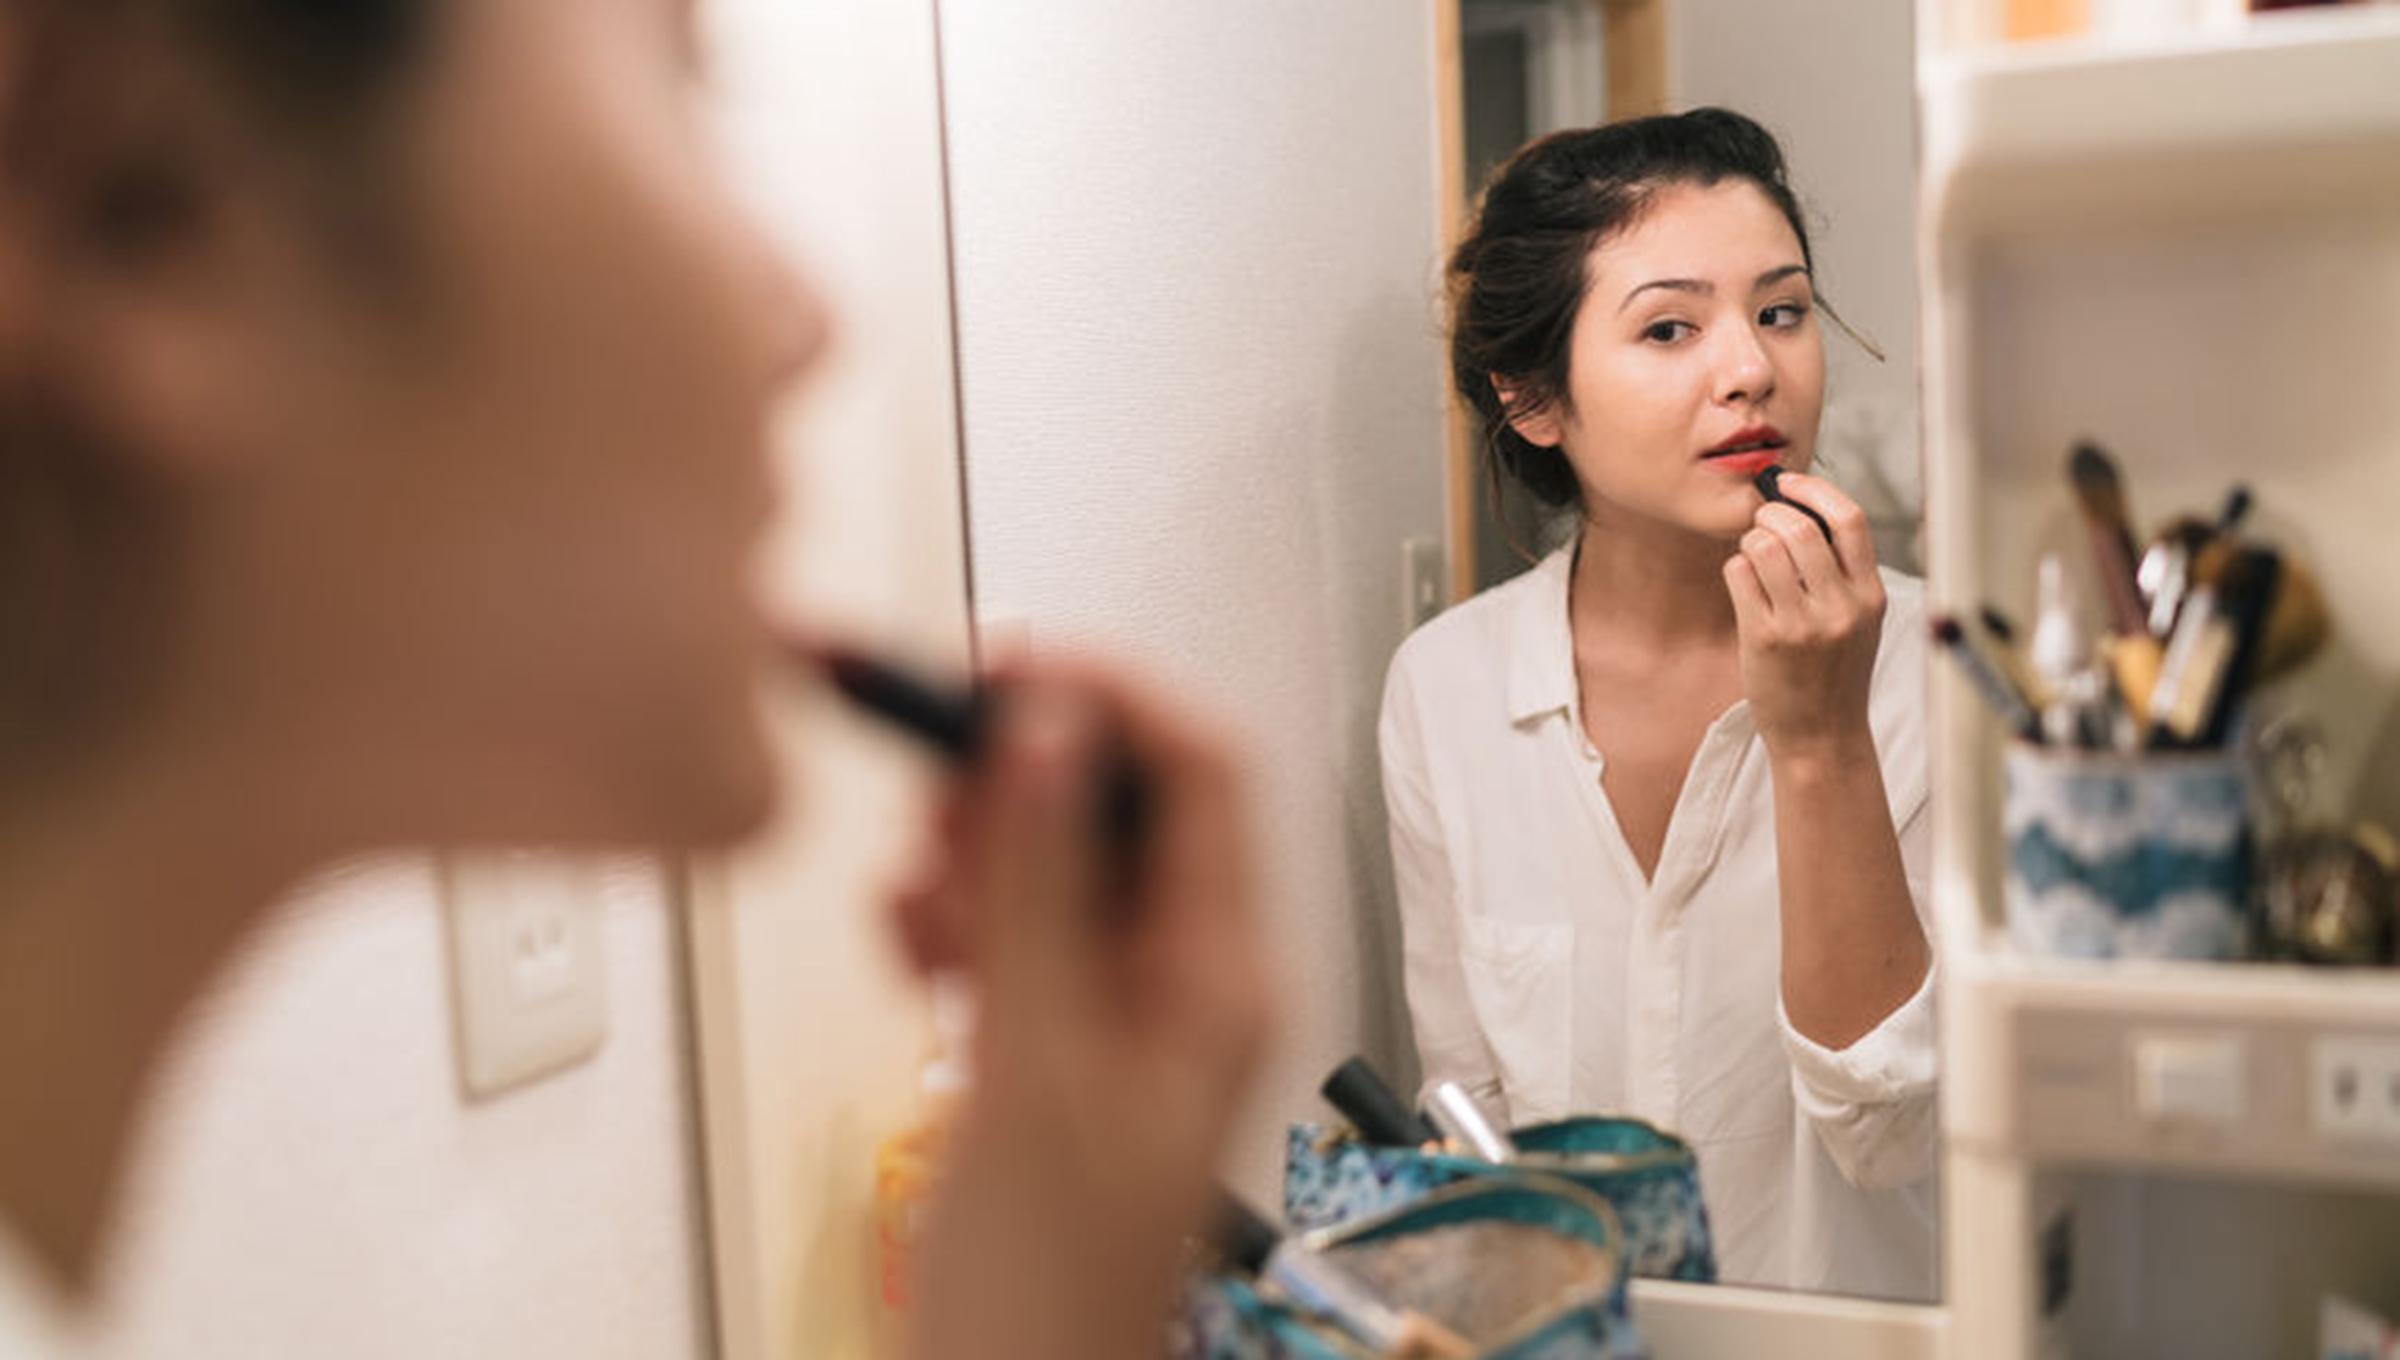 Résultat d'image pour femme faisant du maquillage